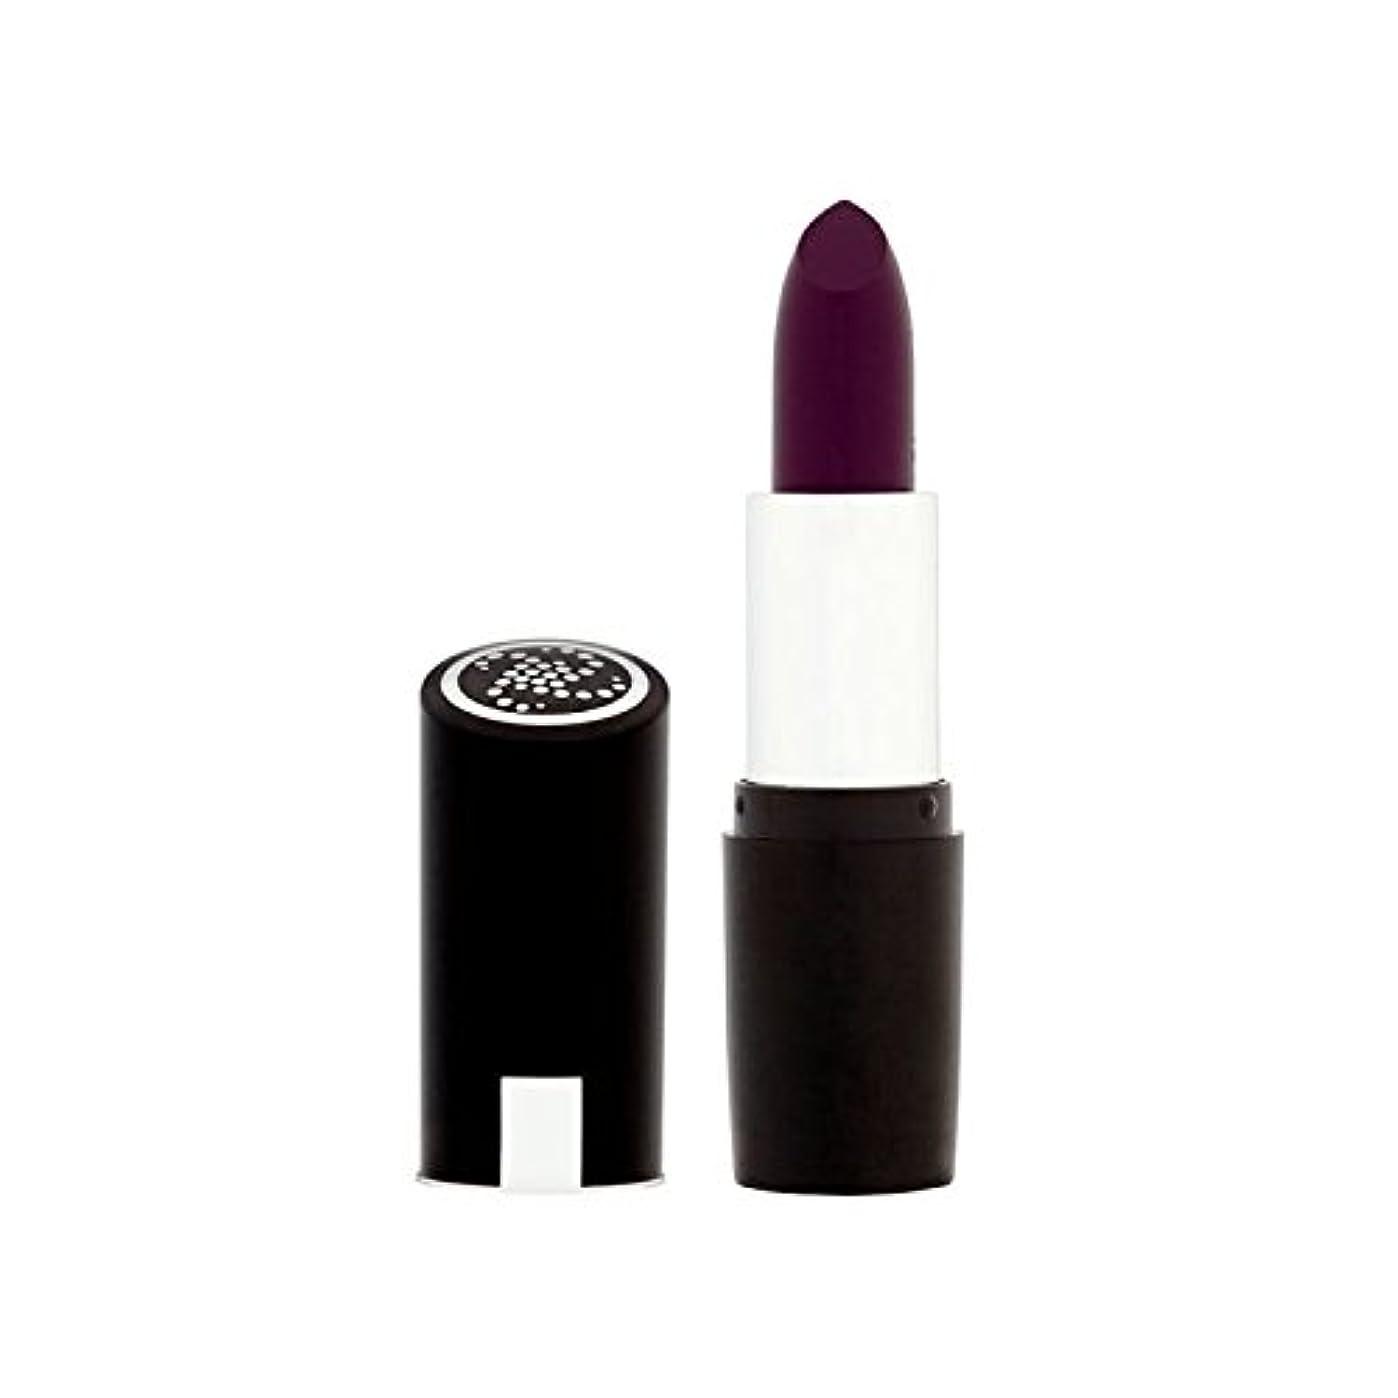 おなじみの特権的場合コレクション持続的な色の口紅ブラックベリー愚か者14 x2 - Collection Lasting Colour Lipstick Blackberry Fool 14 (Pack of 2) [並行輸入品]